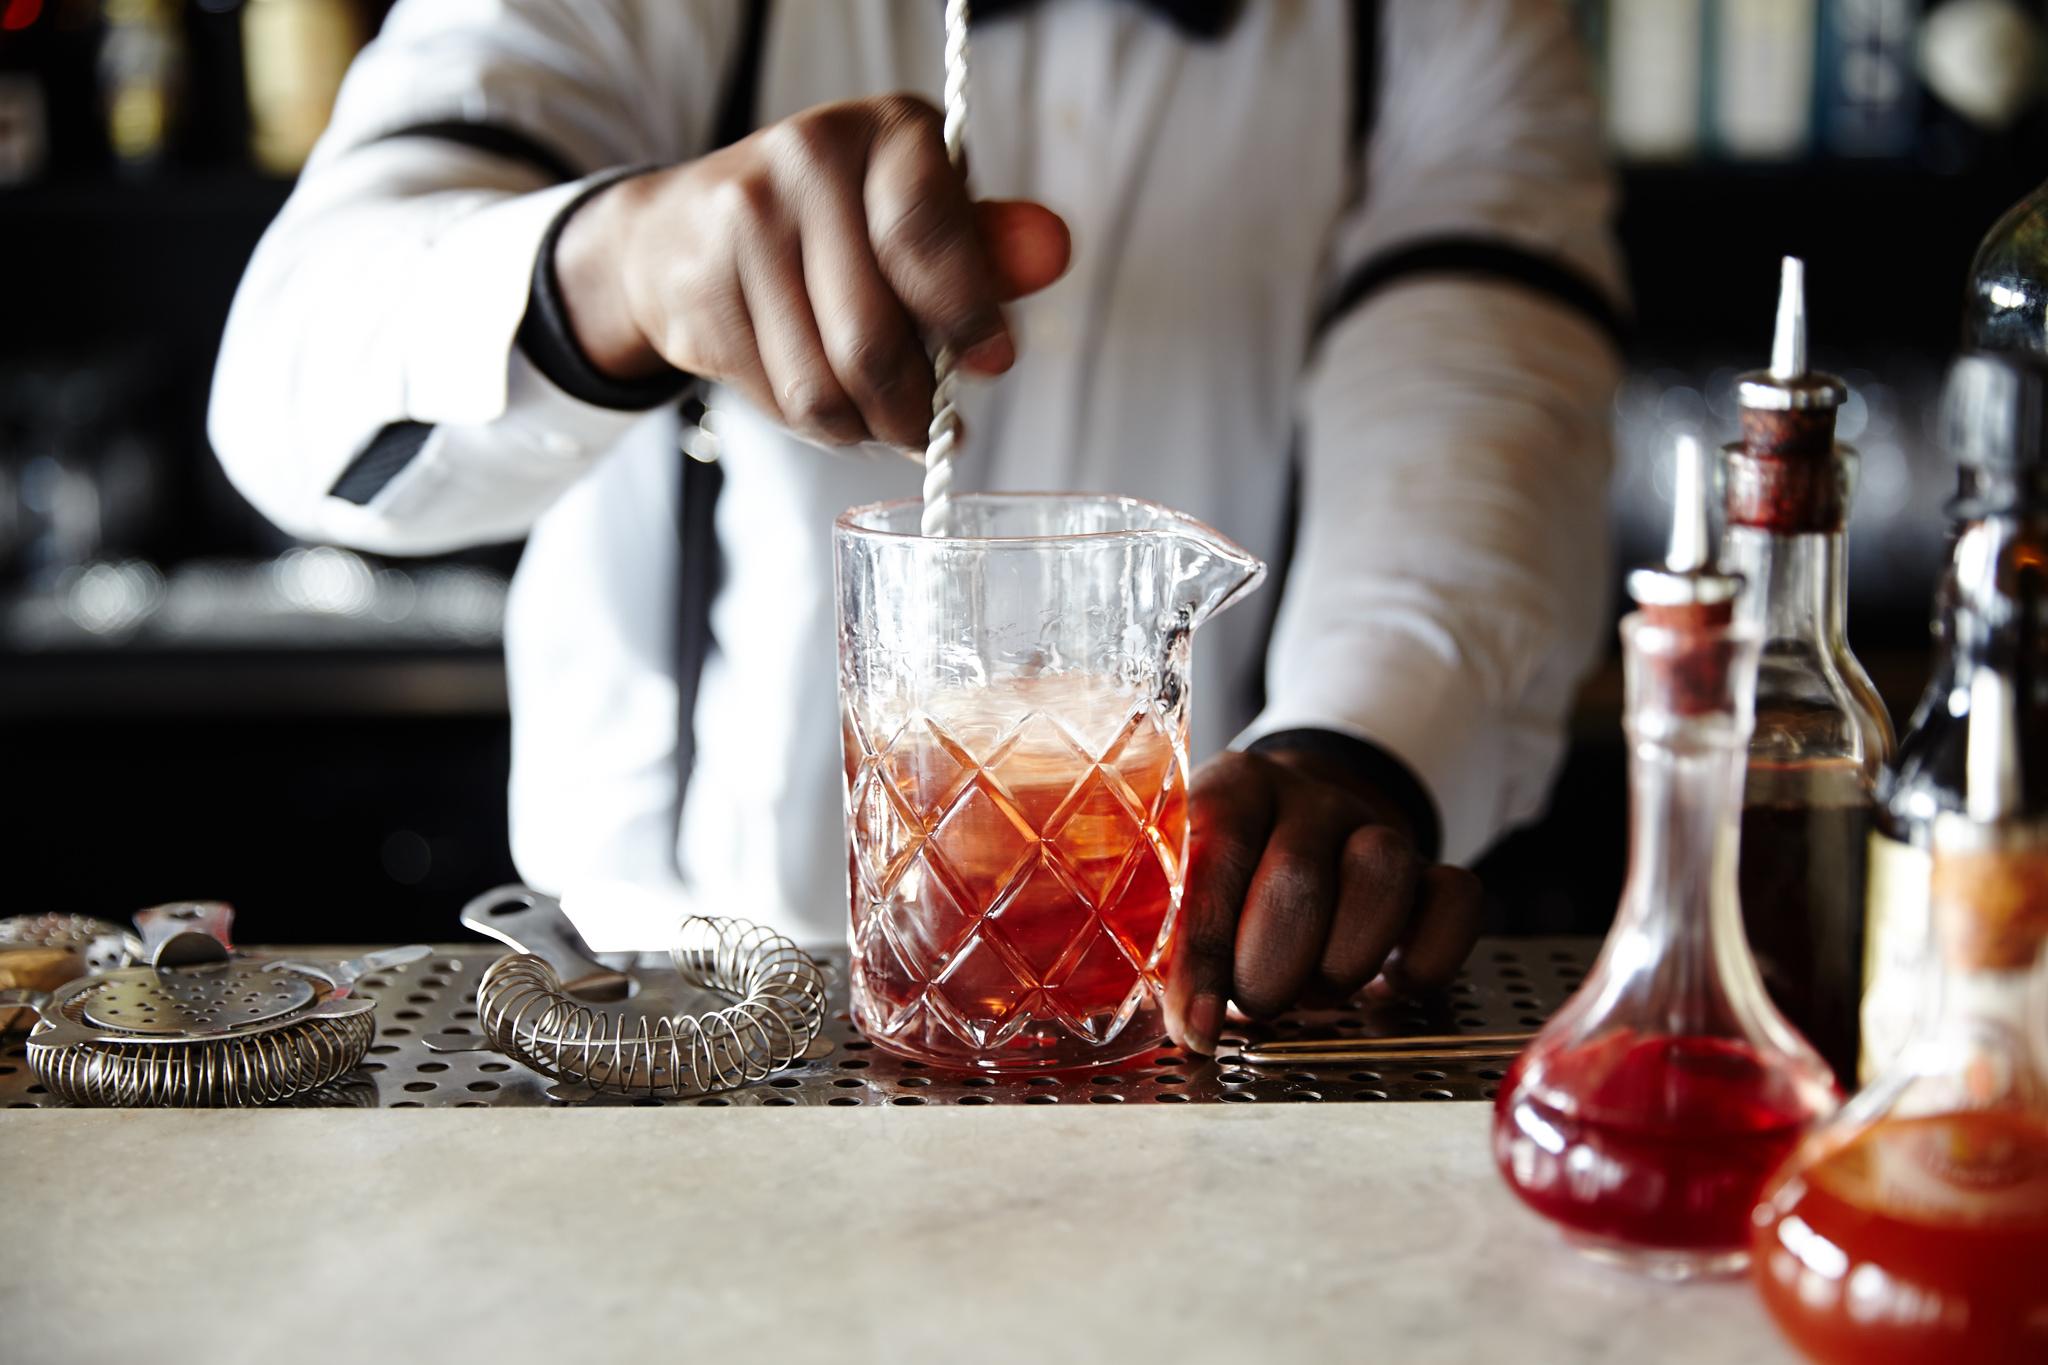 Soho House Soho House Soho House – концепция дизайнерских мини бутик-отелей SHNY Iced Tea Mix